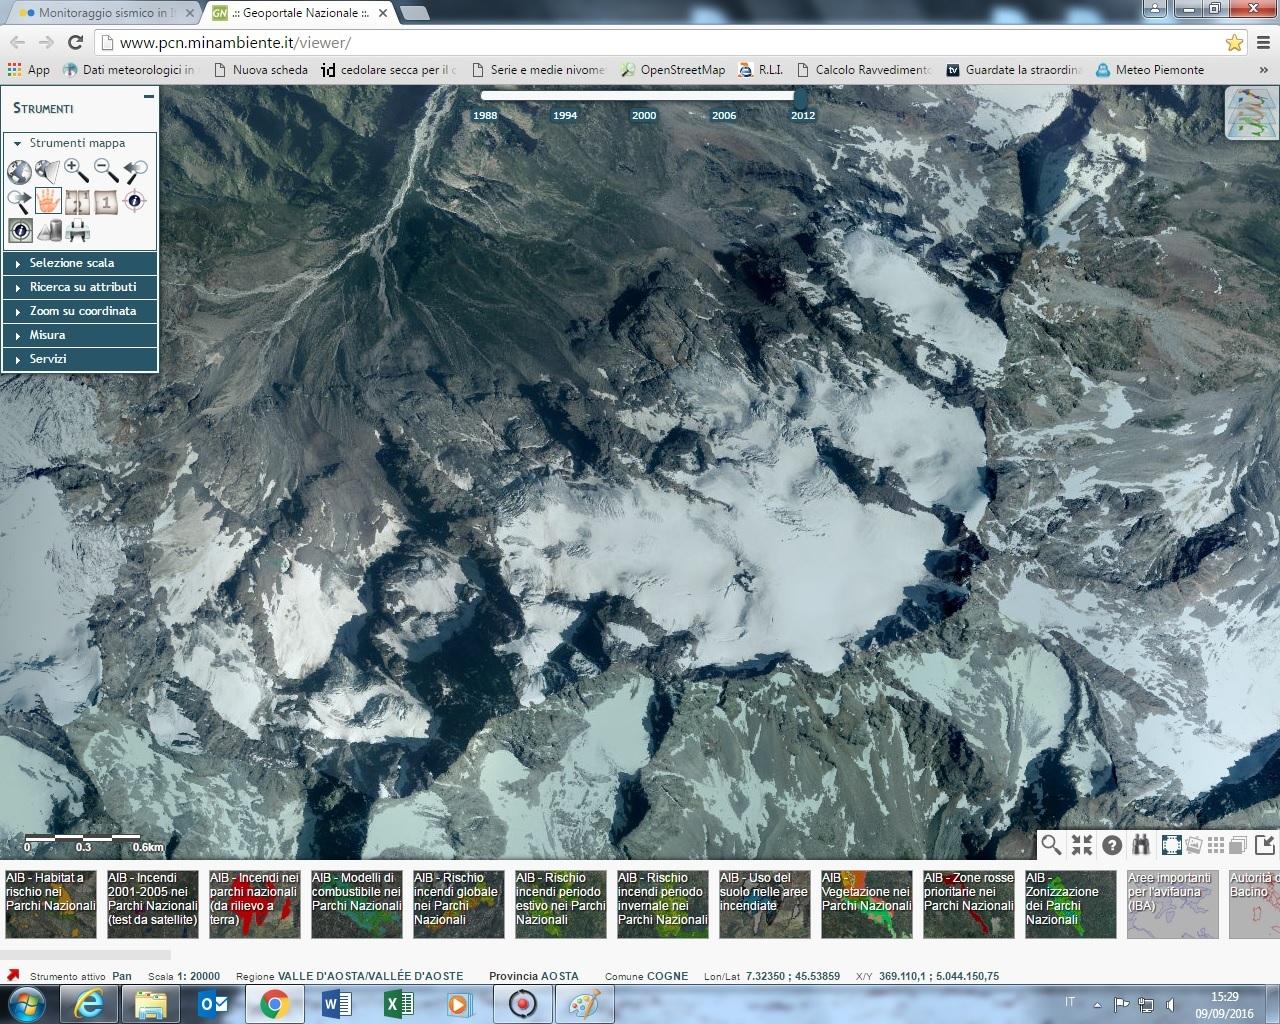 Il ritiro dei ghiacciai in Italia e nel mondo: qui i confronti-g.s.-pietro-2012.jpg